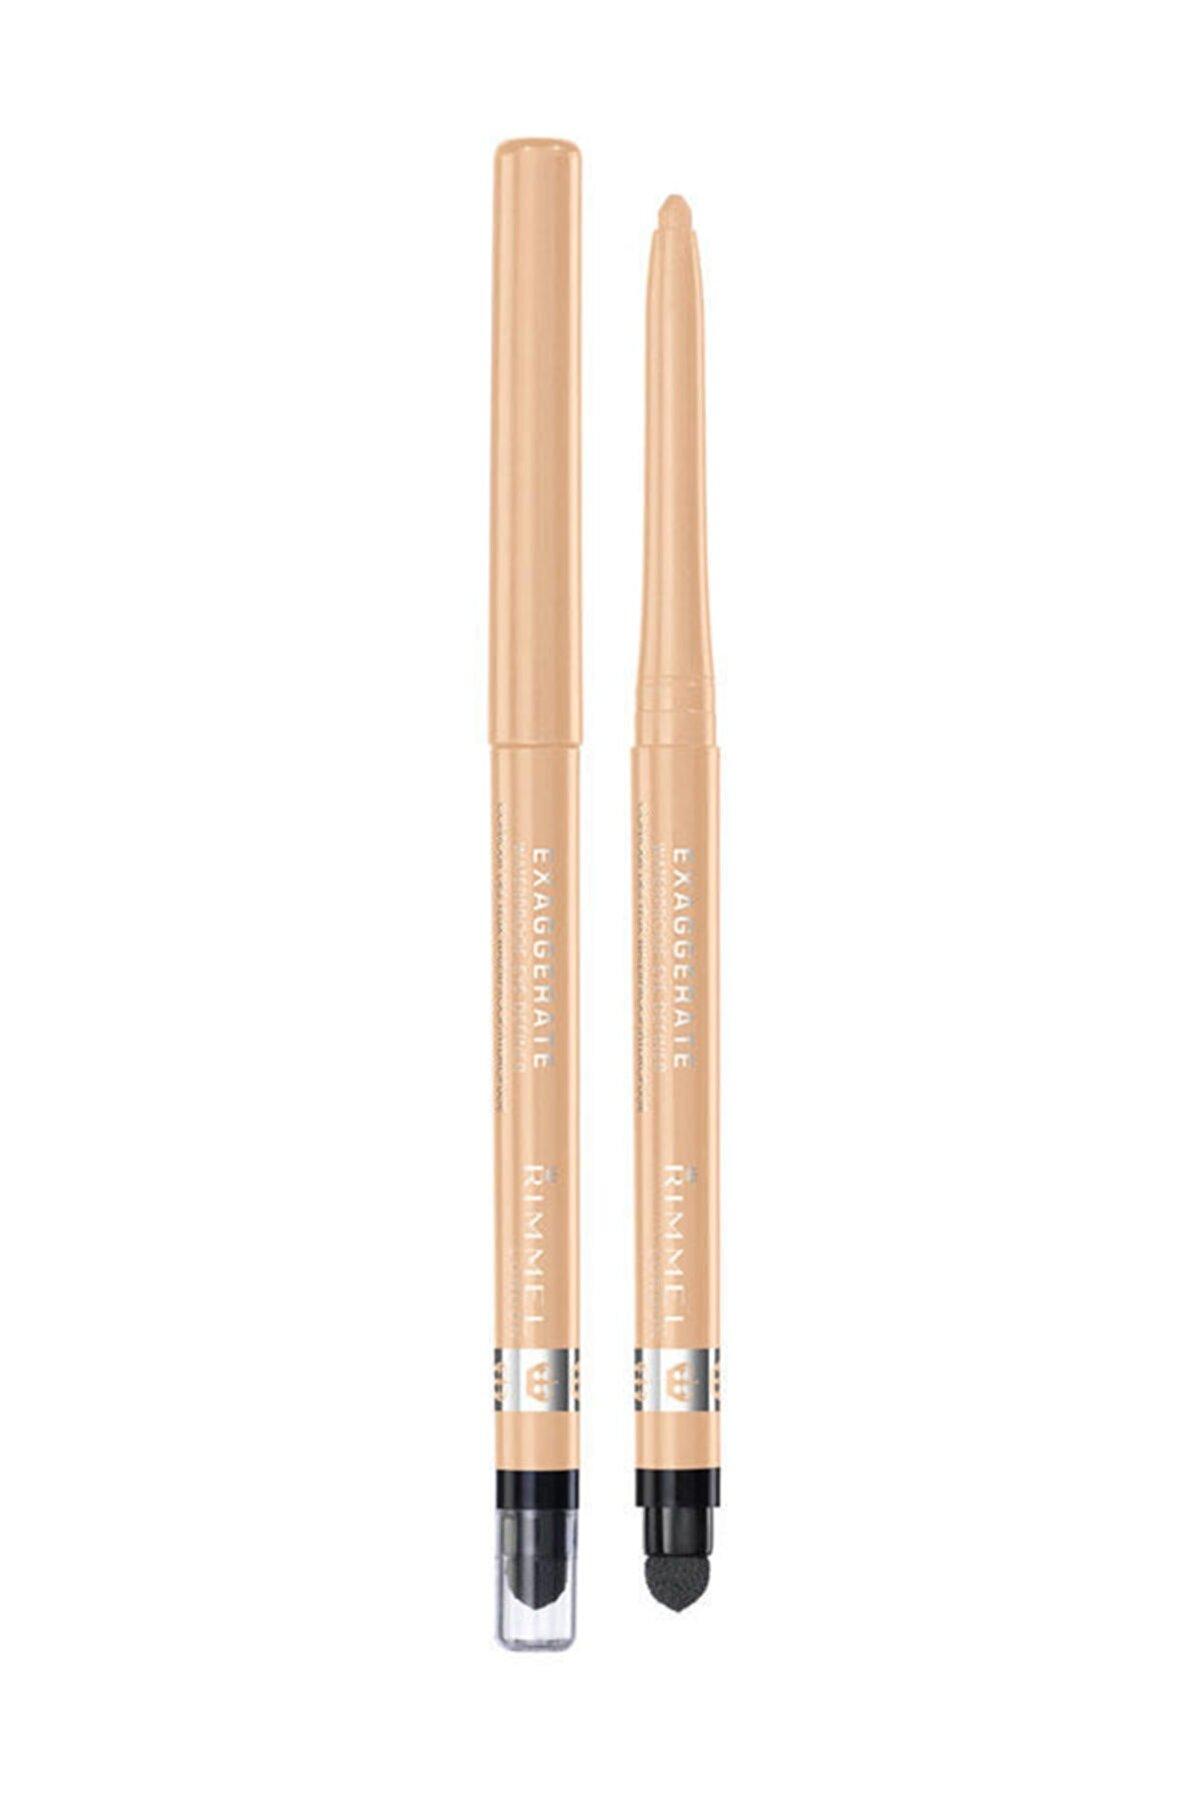 Rimmel London Eyeliner - Exaggerate Waterproof Eye Definer In The Nude 3607347887072